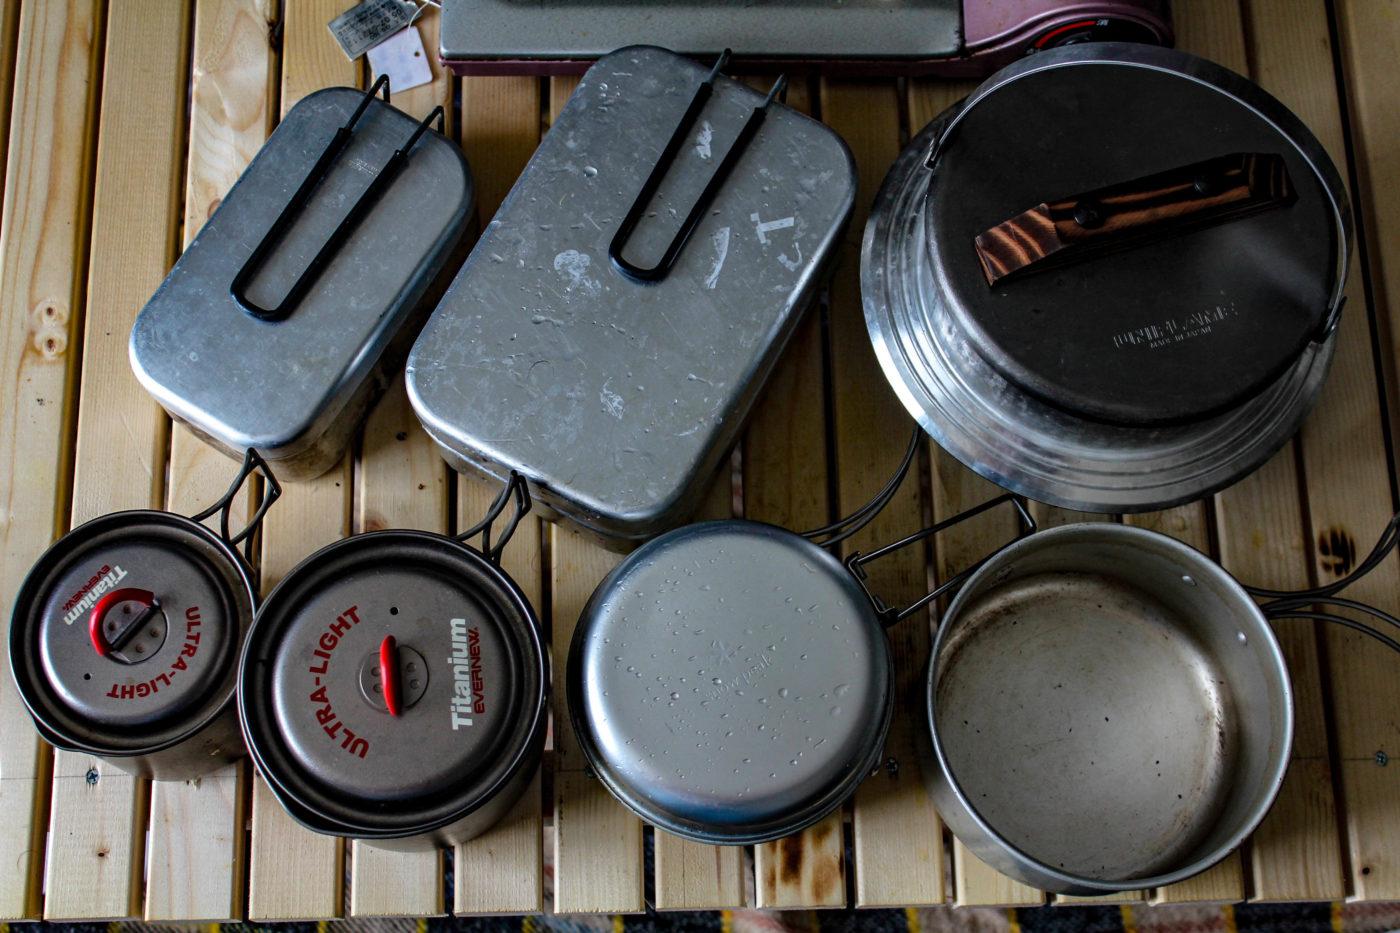 7種類のクッカーを日替わりで使って米を炊き続けてみました。これに男前グリルプレートでの炊飯も加わります。